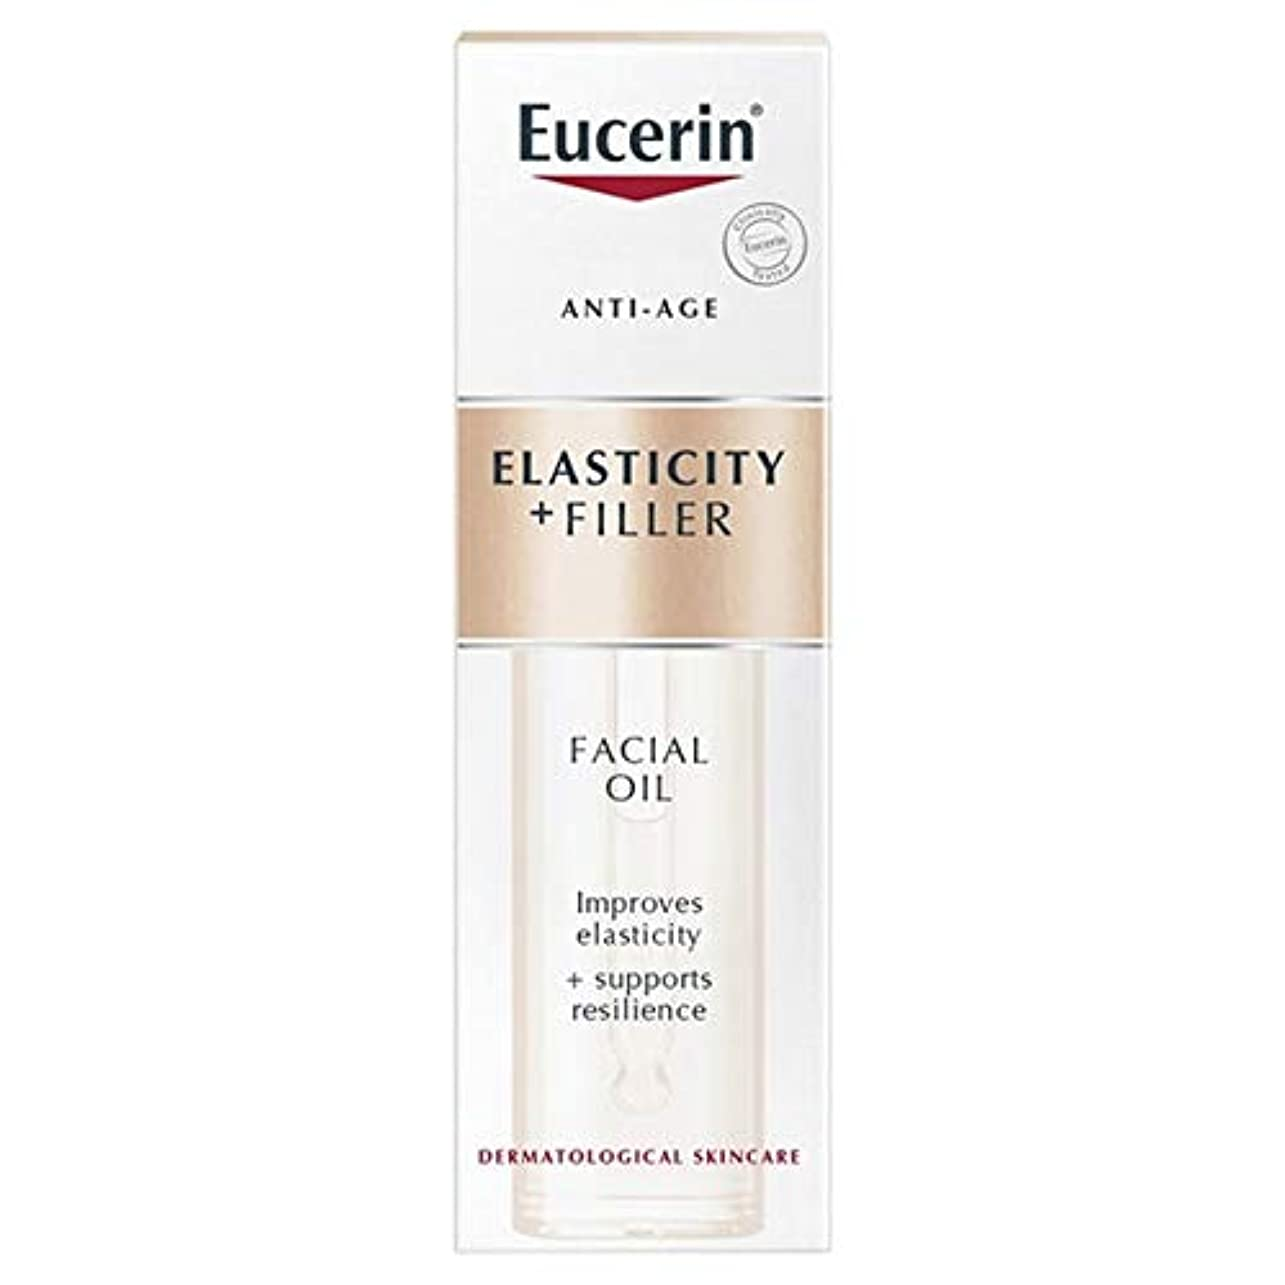 補助金ツインおばさん[Eucerin ] ユーセリン抗年齢の弾力+フィラーフェイシャルオイル30ミリリットル - Eucerin Anti-Age Elasticity + Filler Facial Oil 30ml [並行輸入品]